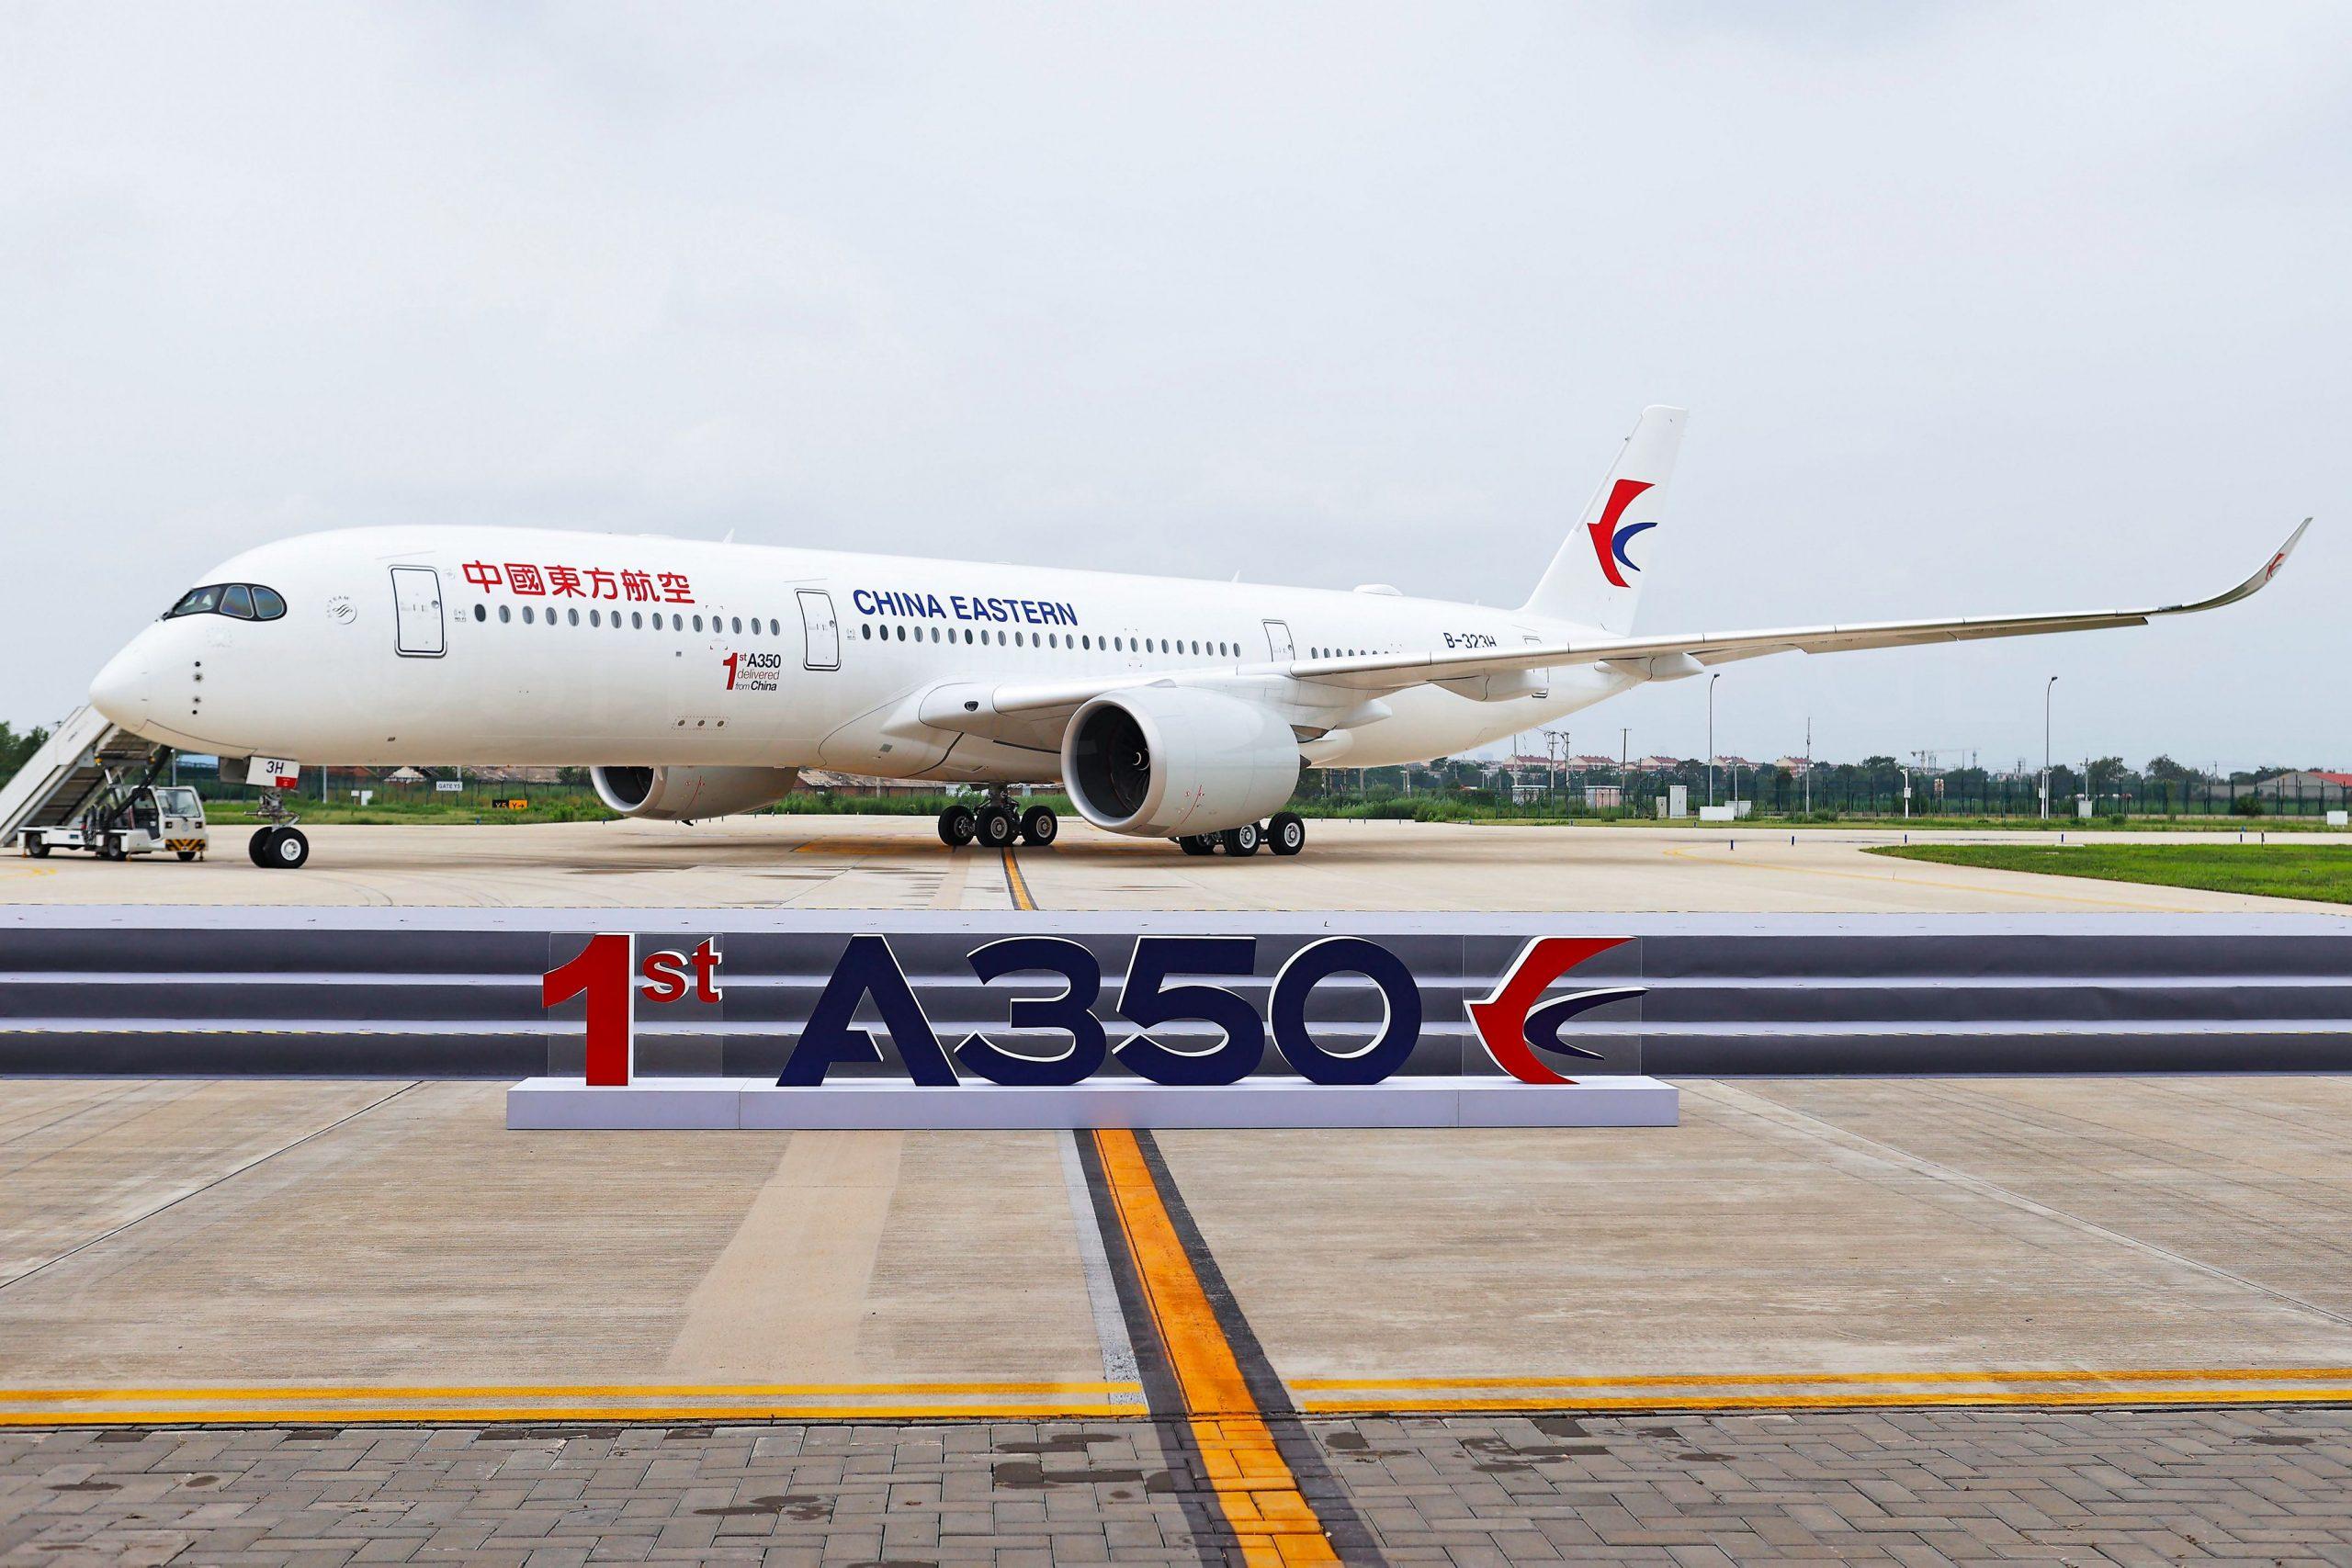 Airbus har leveret den første kinesiskbyggede A350 fra anlægget i Tianjin. Foto: Airbus